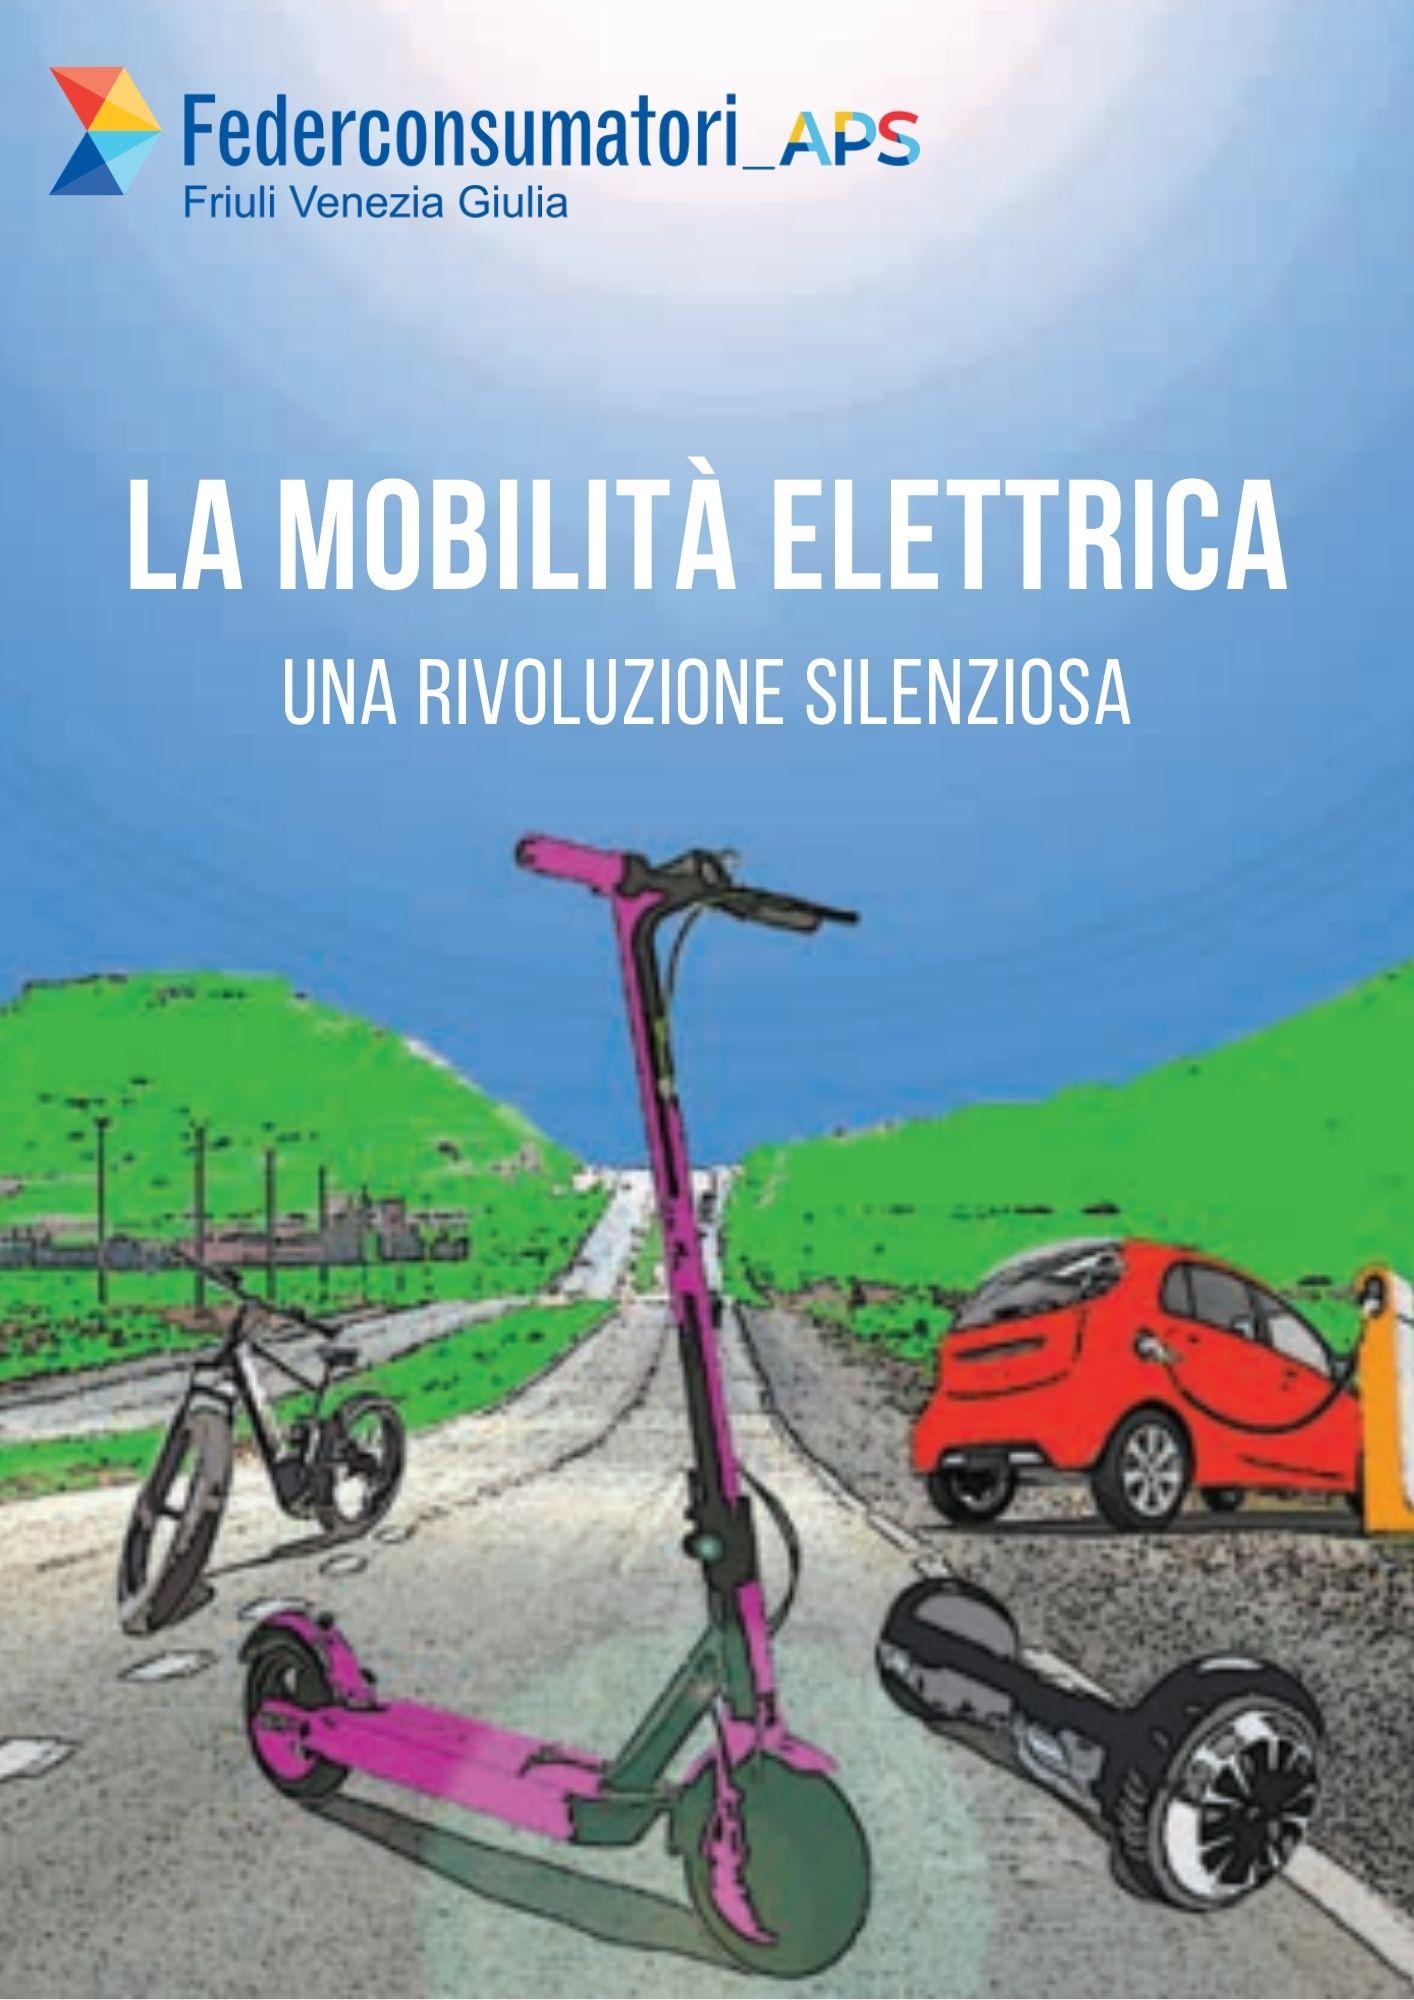 Mobilità elettrica una rivoluzione silenziosa